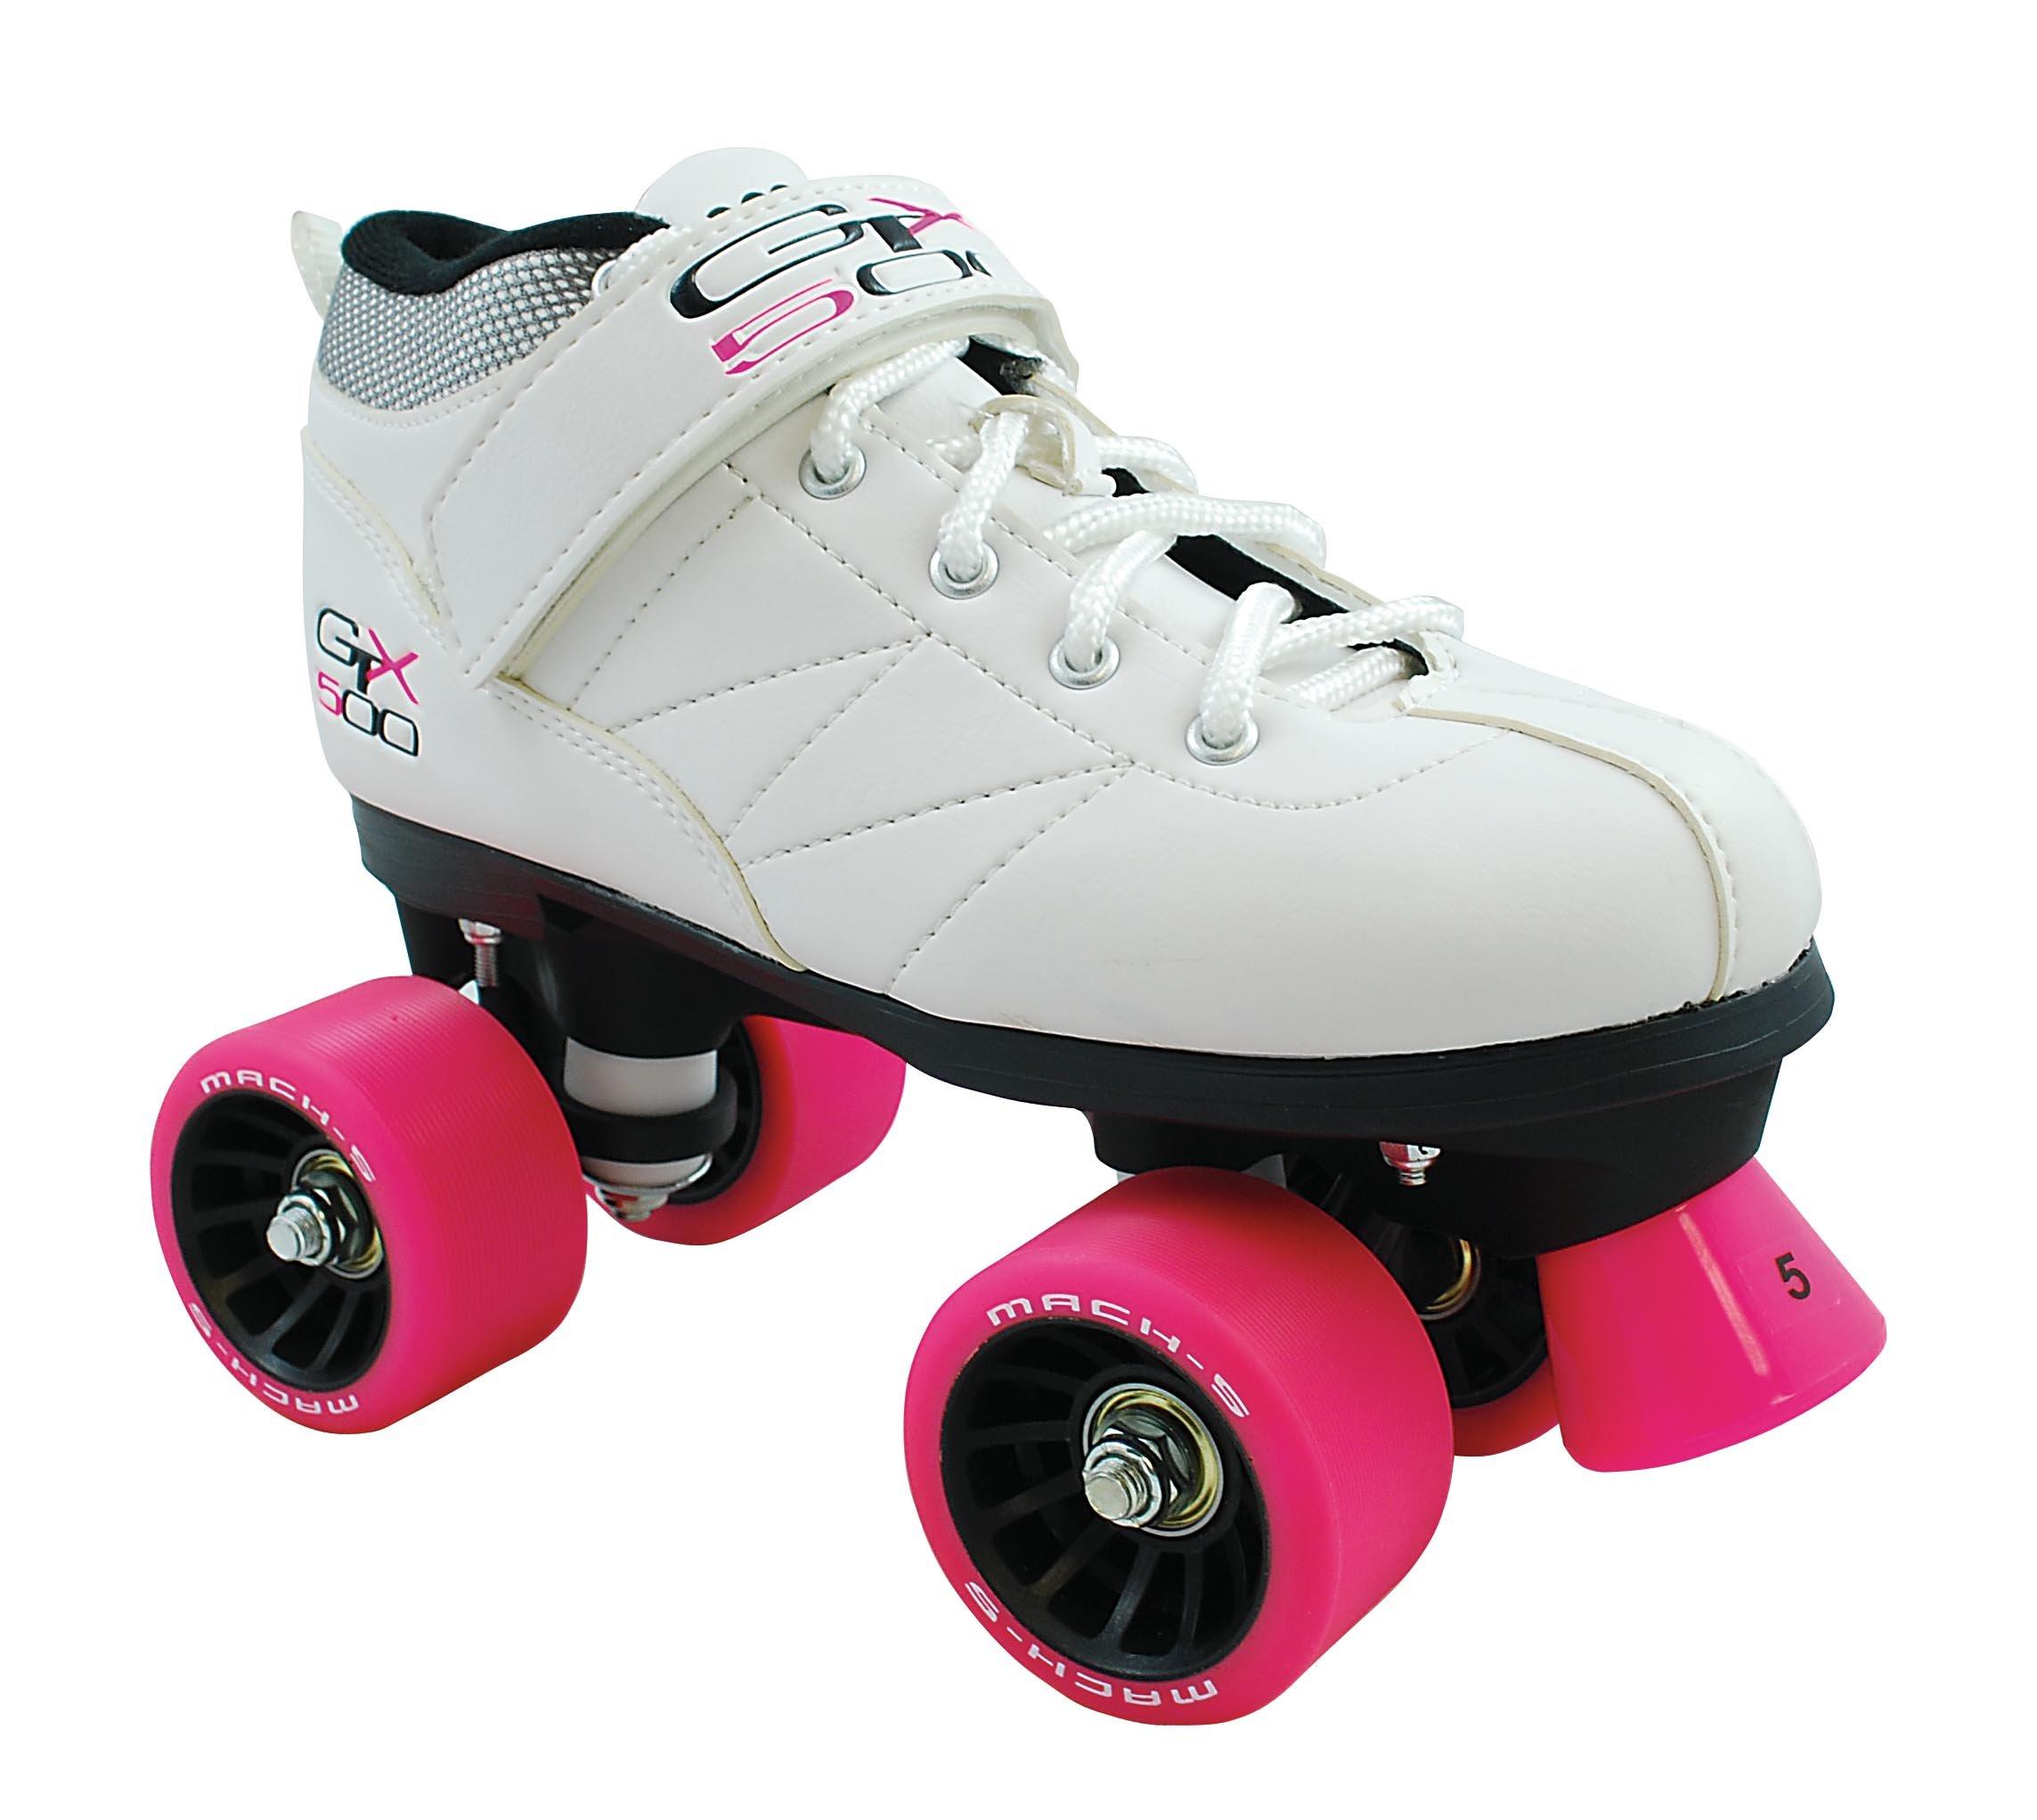 Mach5 GTX 500 Roller Skate - White - Size 9